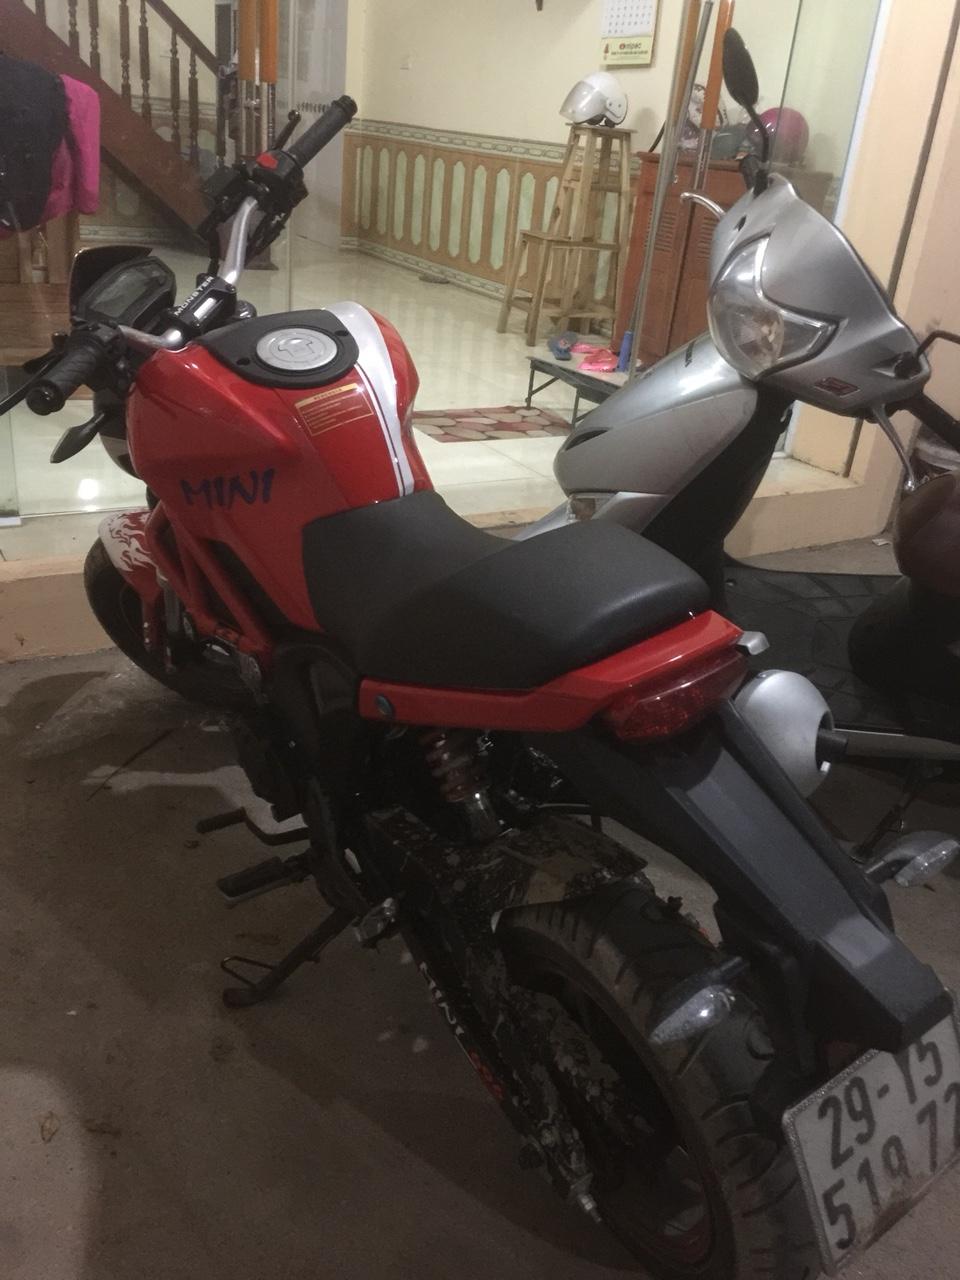 Ban YMH Ducati mini nhap Thai lan 2018 moi nguyen di dc 1500km chinh chu - 5